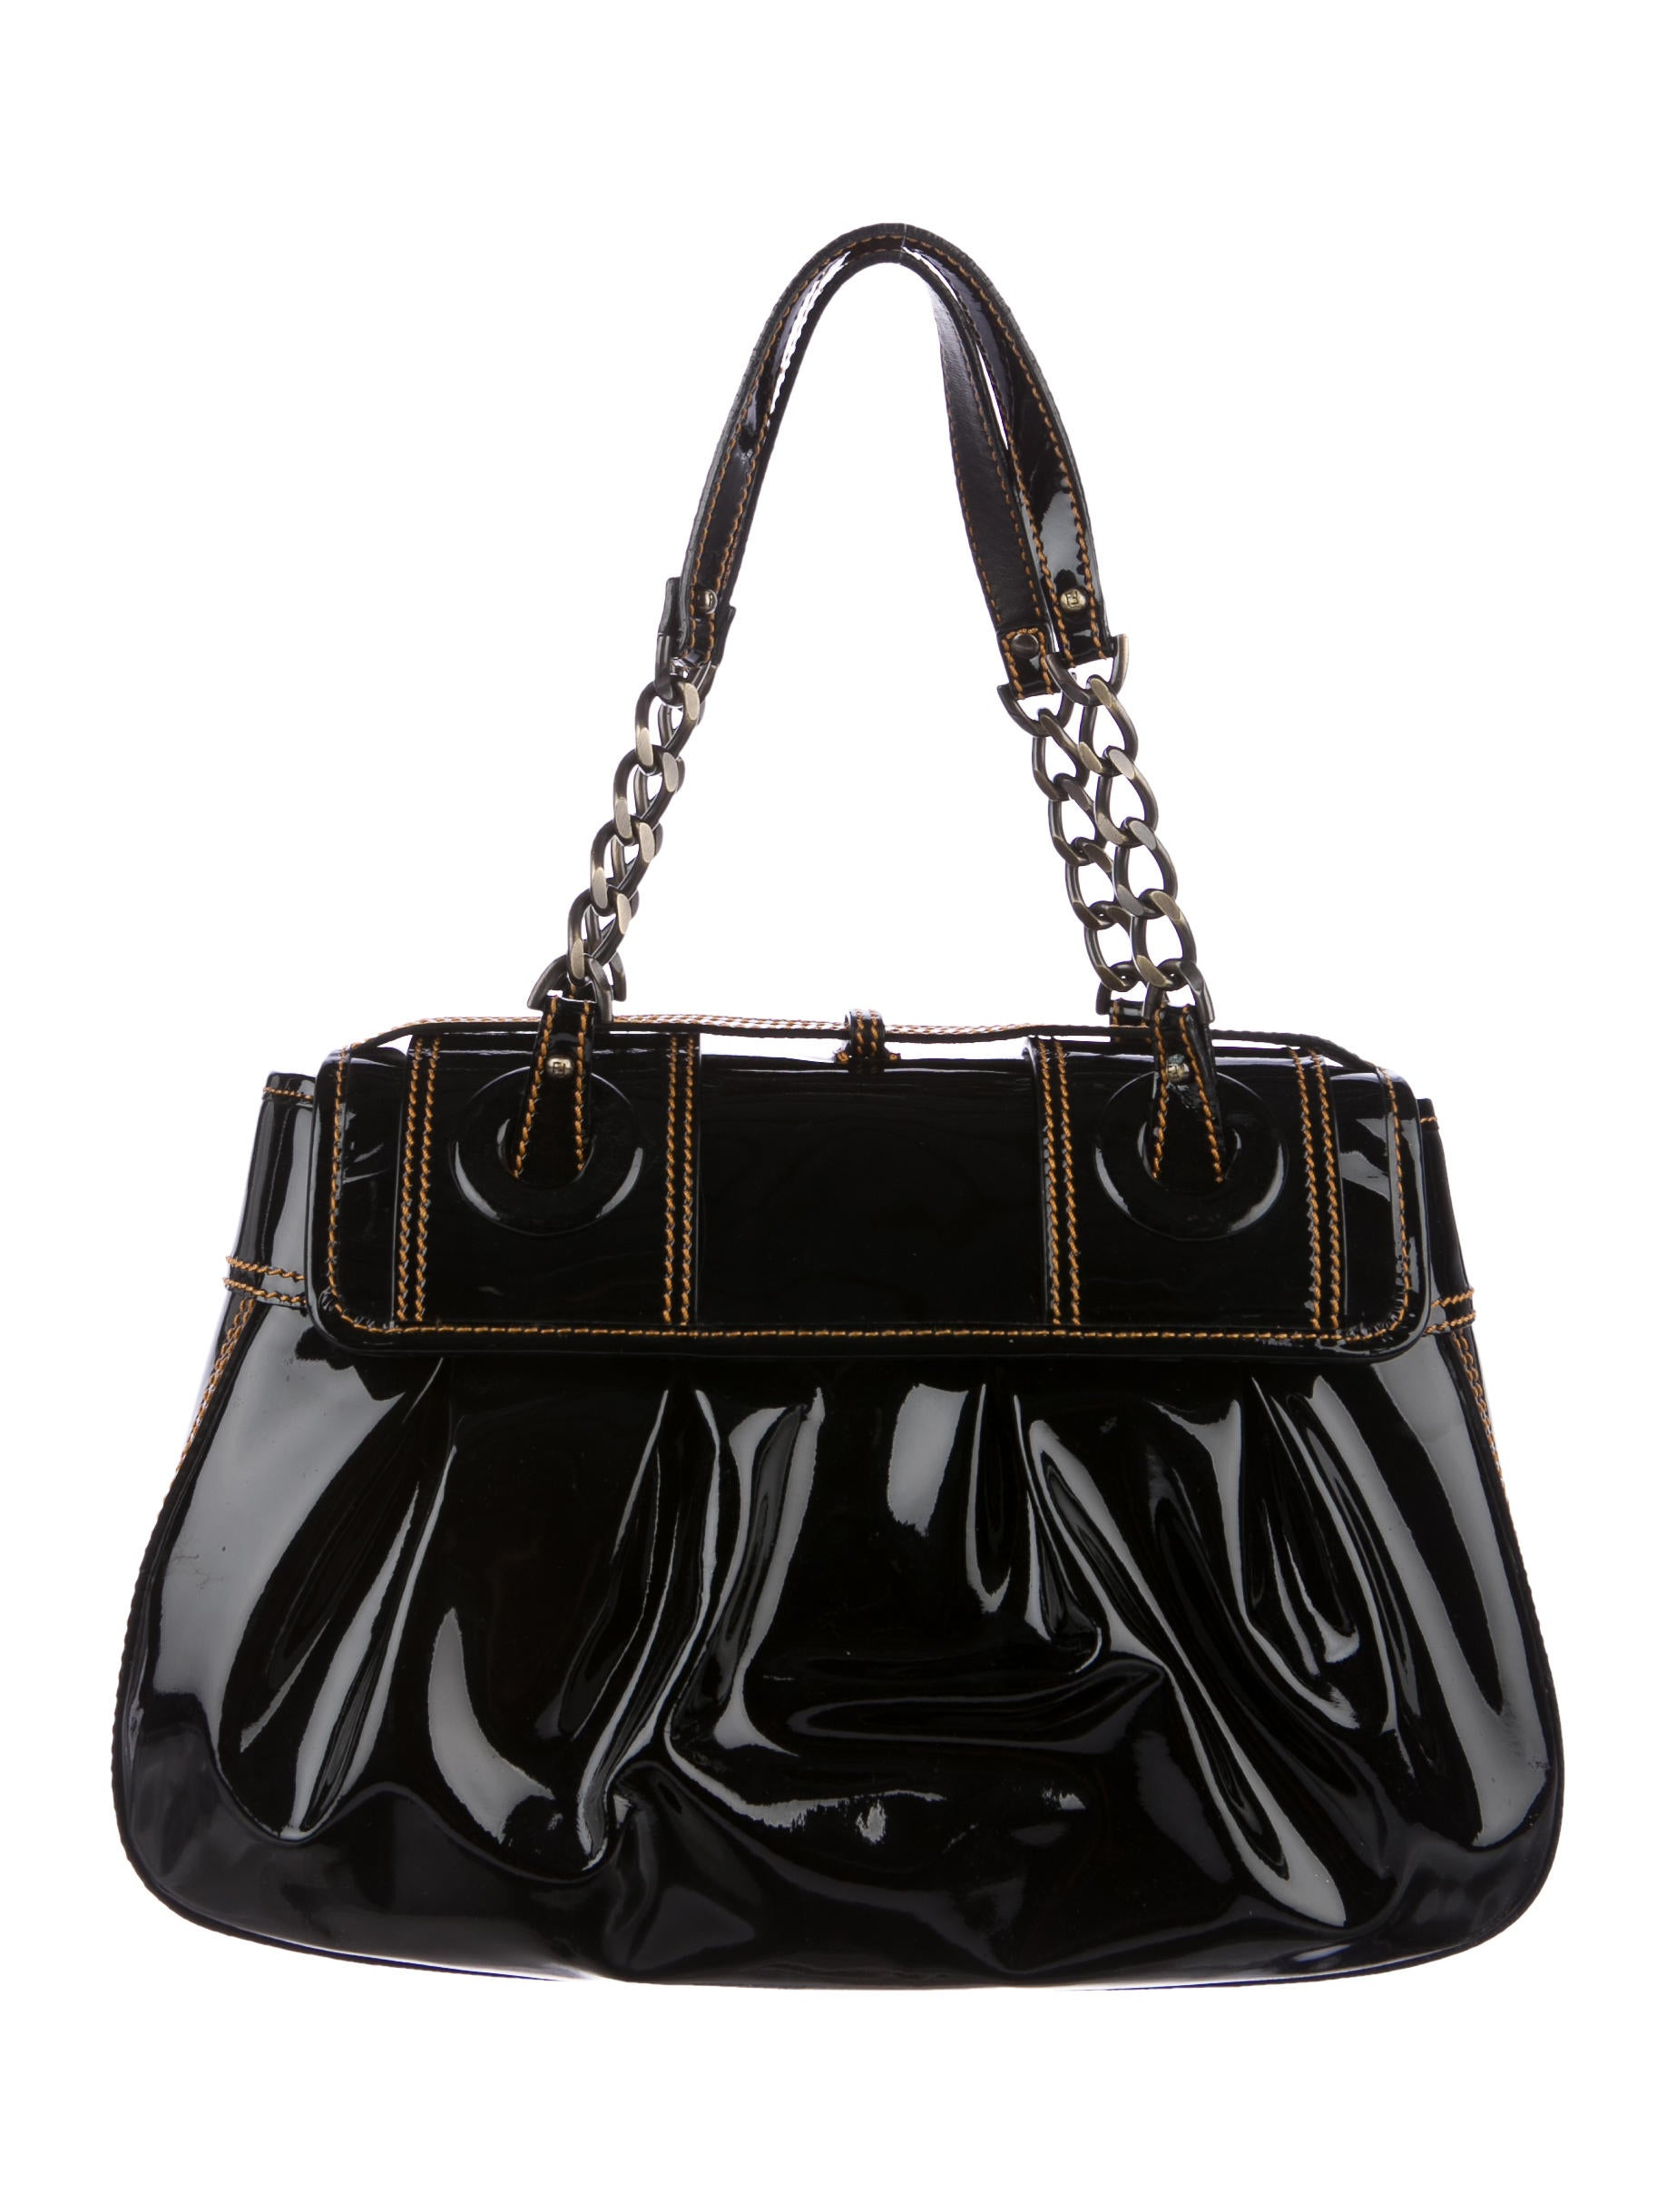 60660e815f55 ... Bag Fendi Patent B Patent B Leather Fendi Leather Bag Fendi xPArPTzwqB  ...